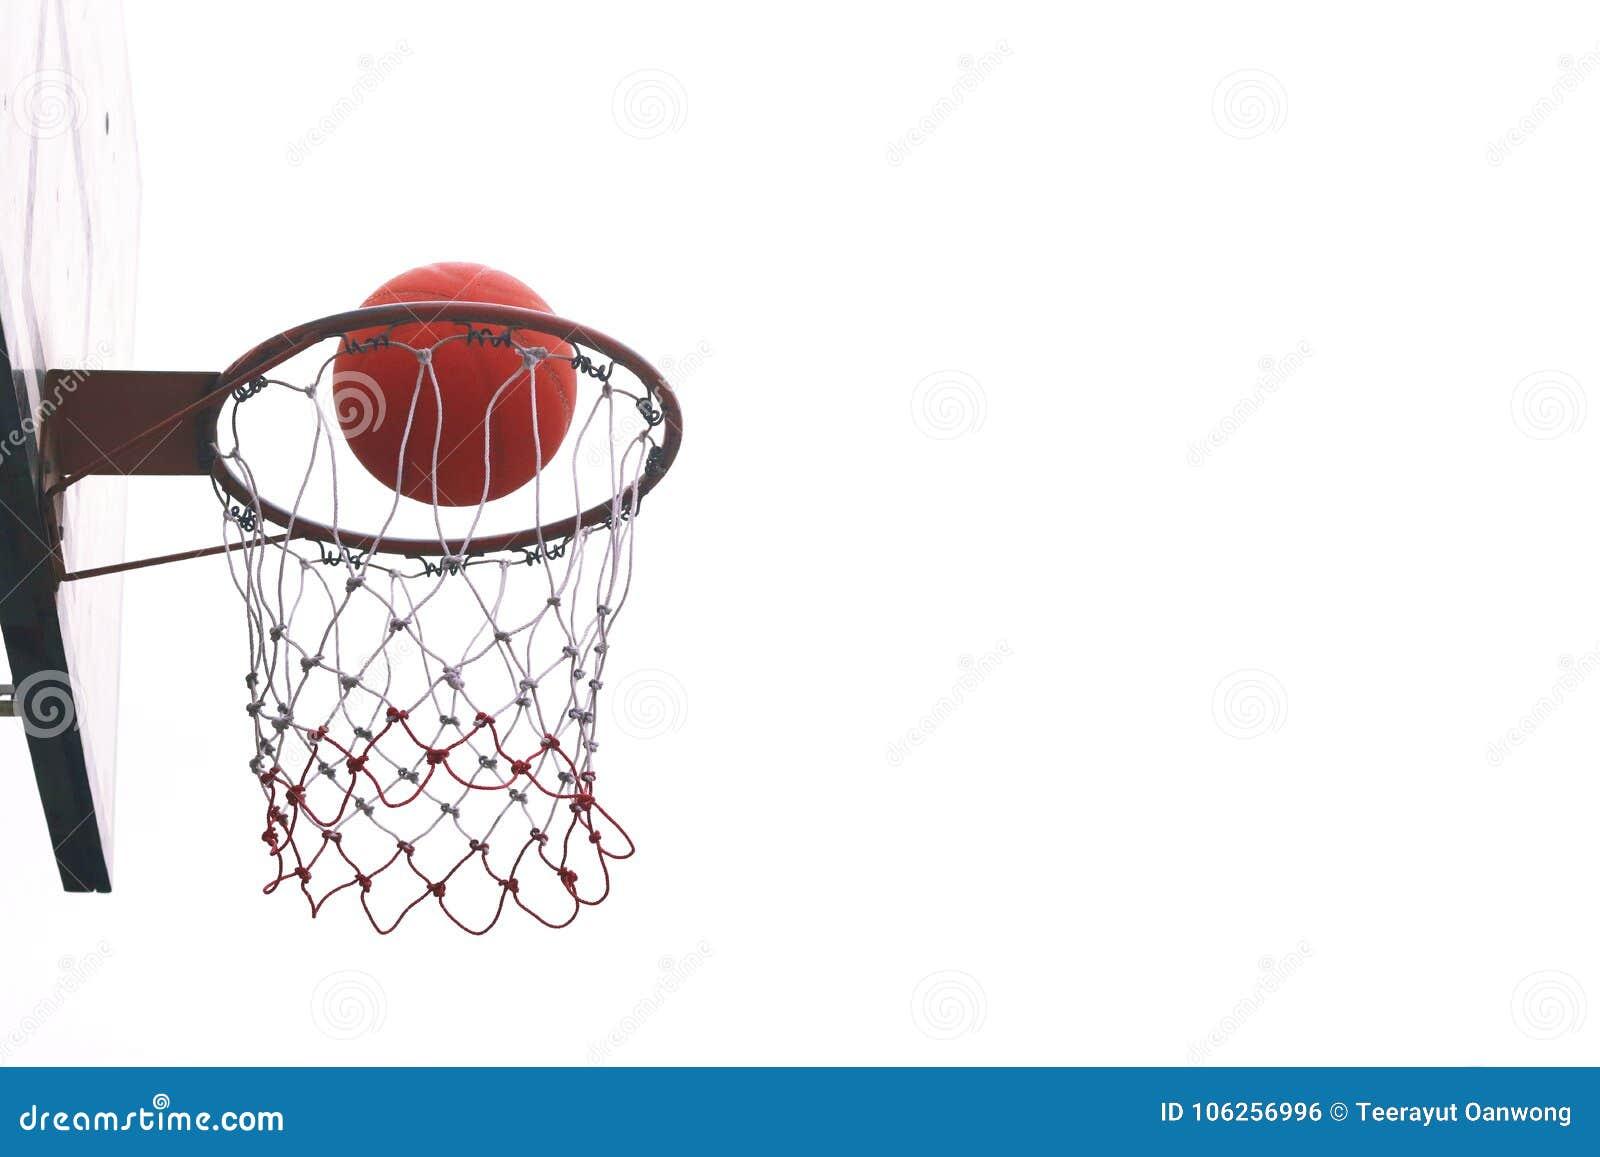 Basketball hoops.